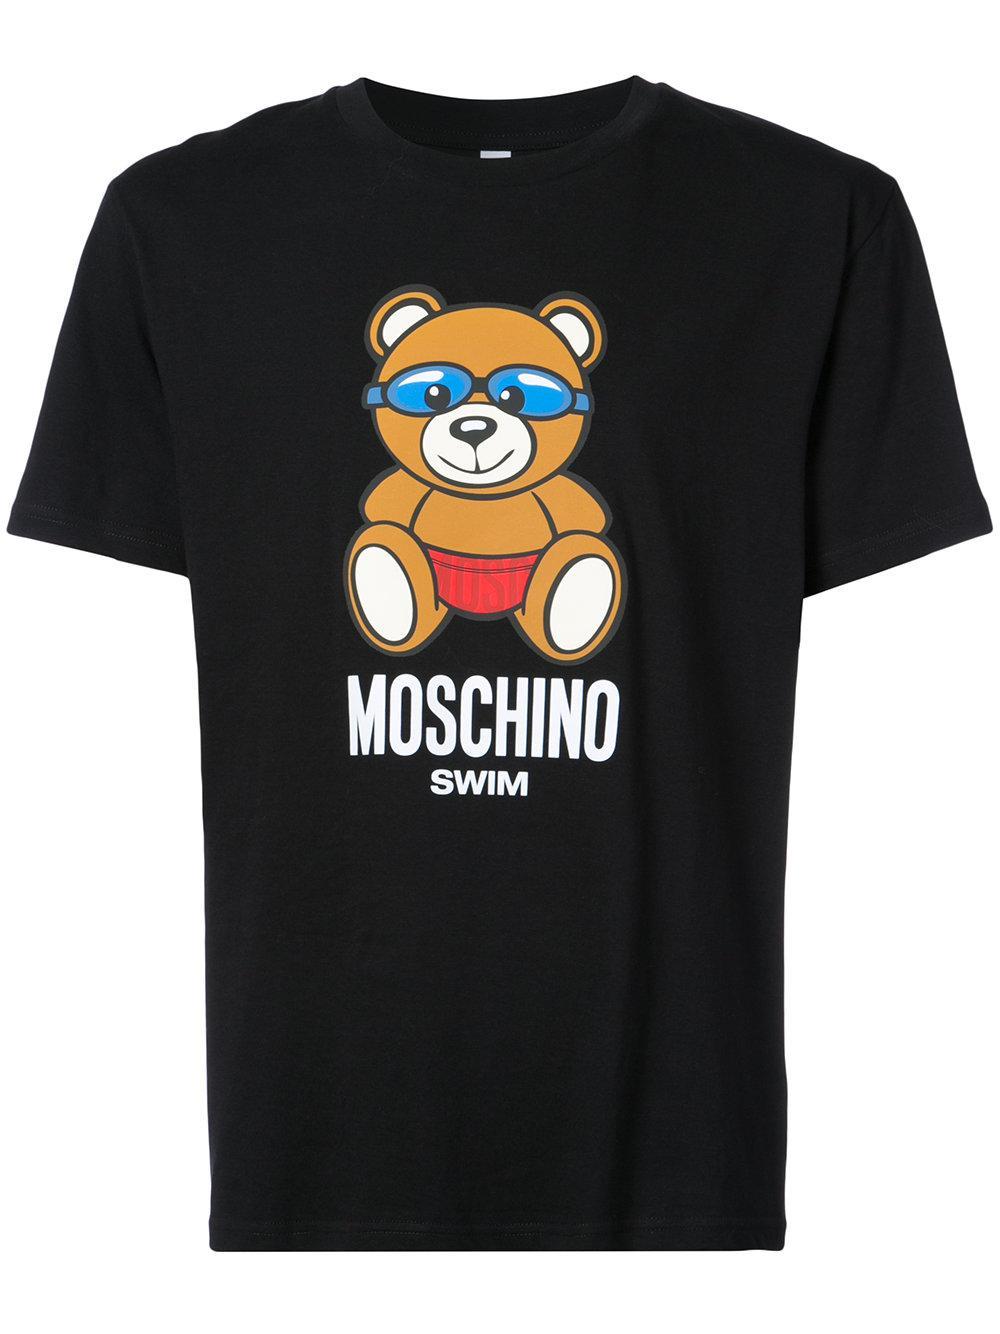 Moschino Black